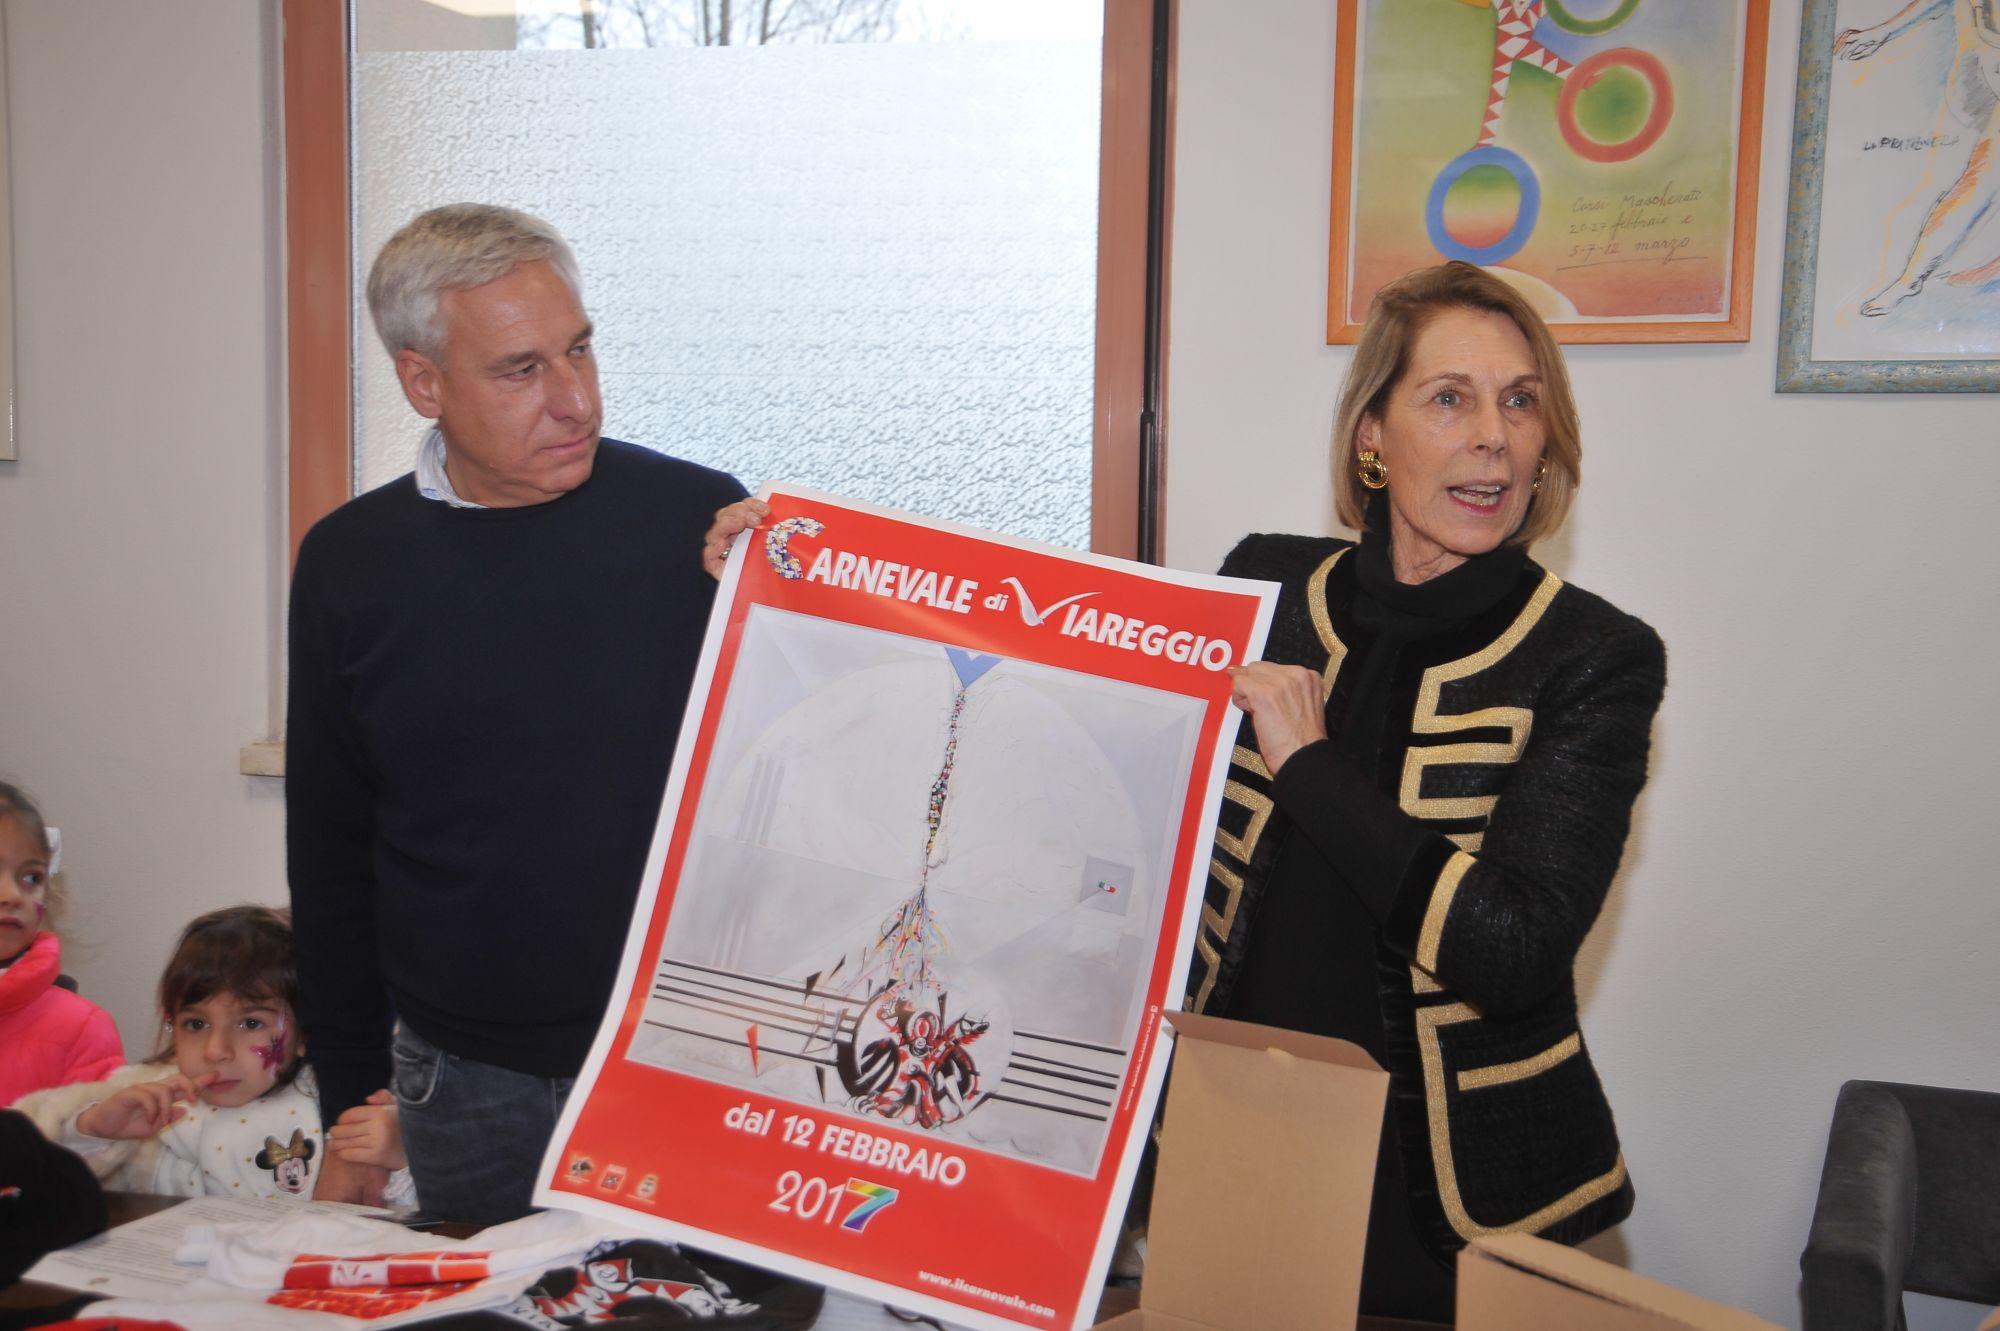 La Fondazione Carnevale acquisisce i diritti del marchio e logo Burlamacco